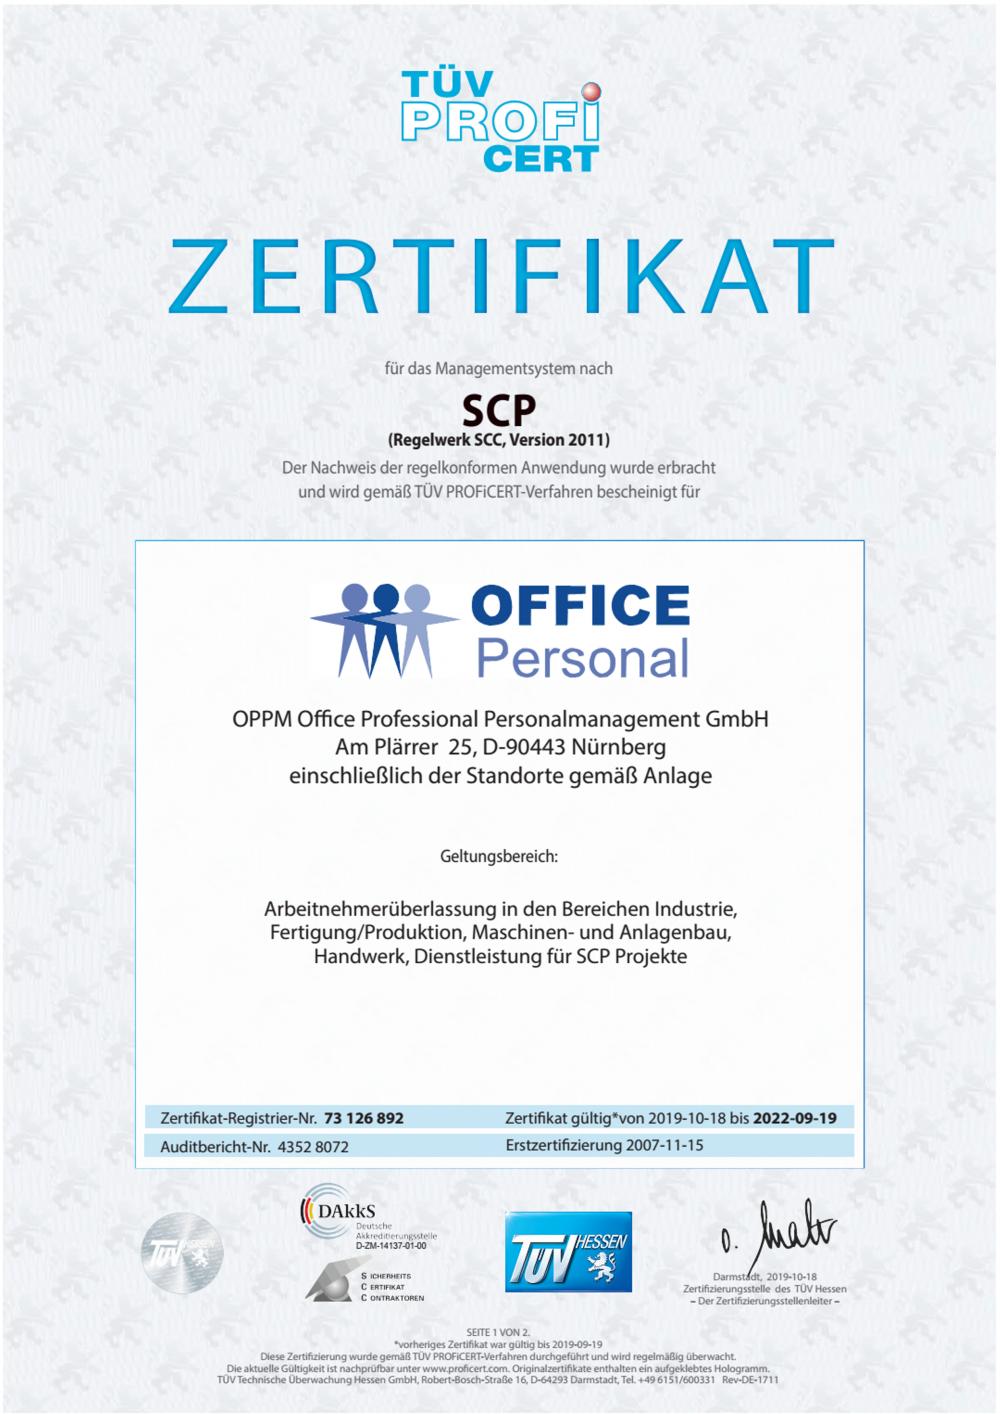 SCP Zertifikat OFFICE Personal bis 09 2018